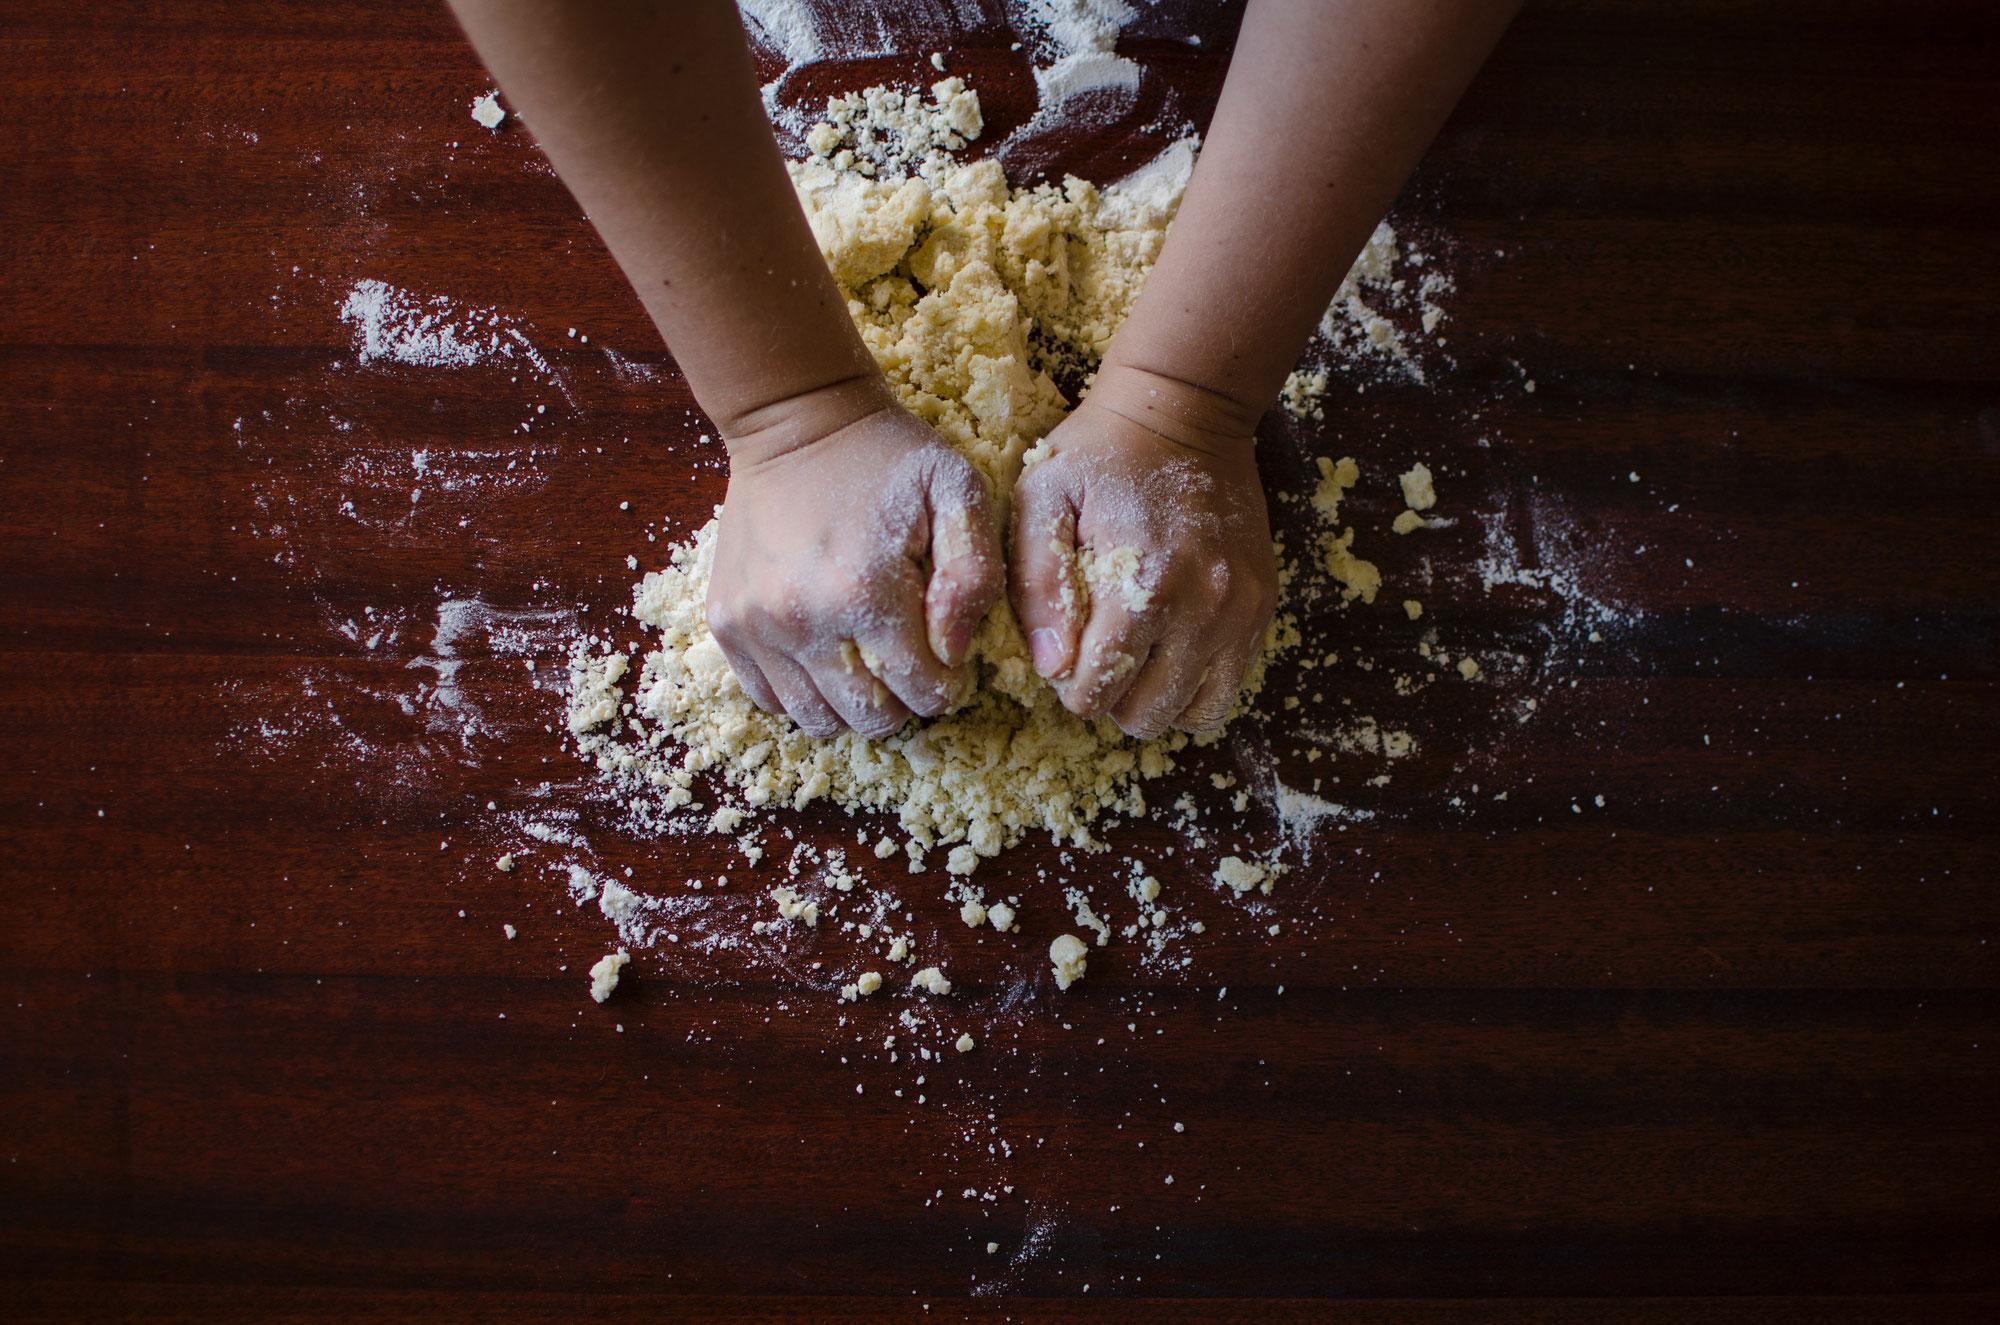 Team aus DU-Meiderich fertigt Brotbeutel und Backmischung